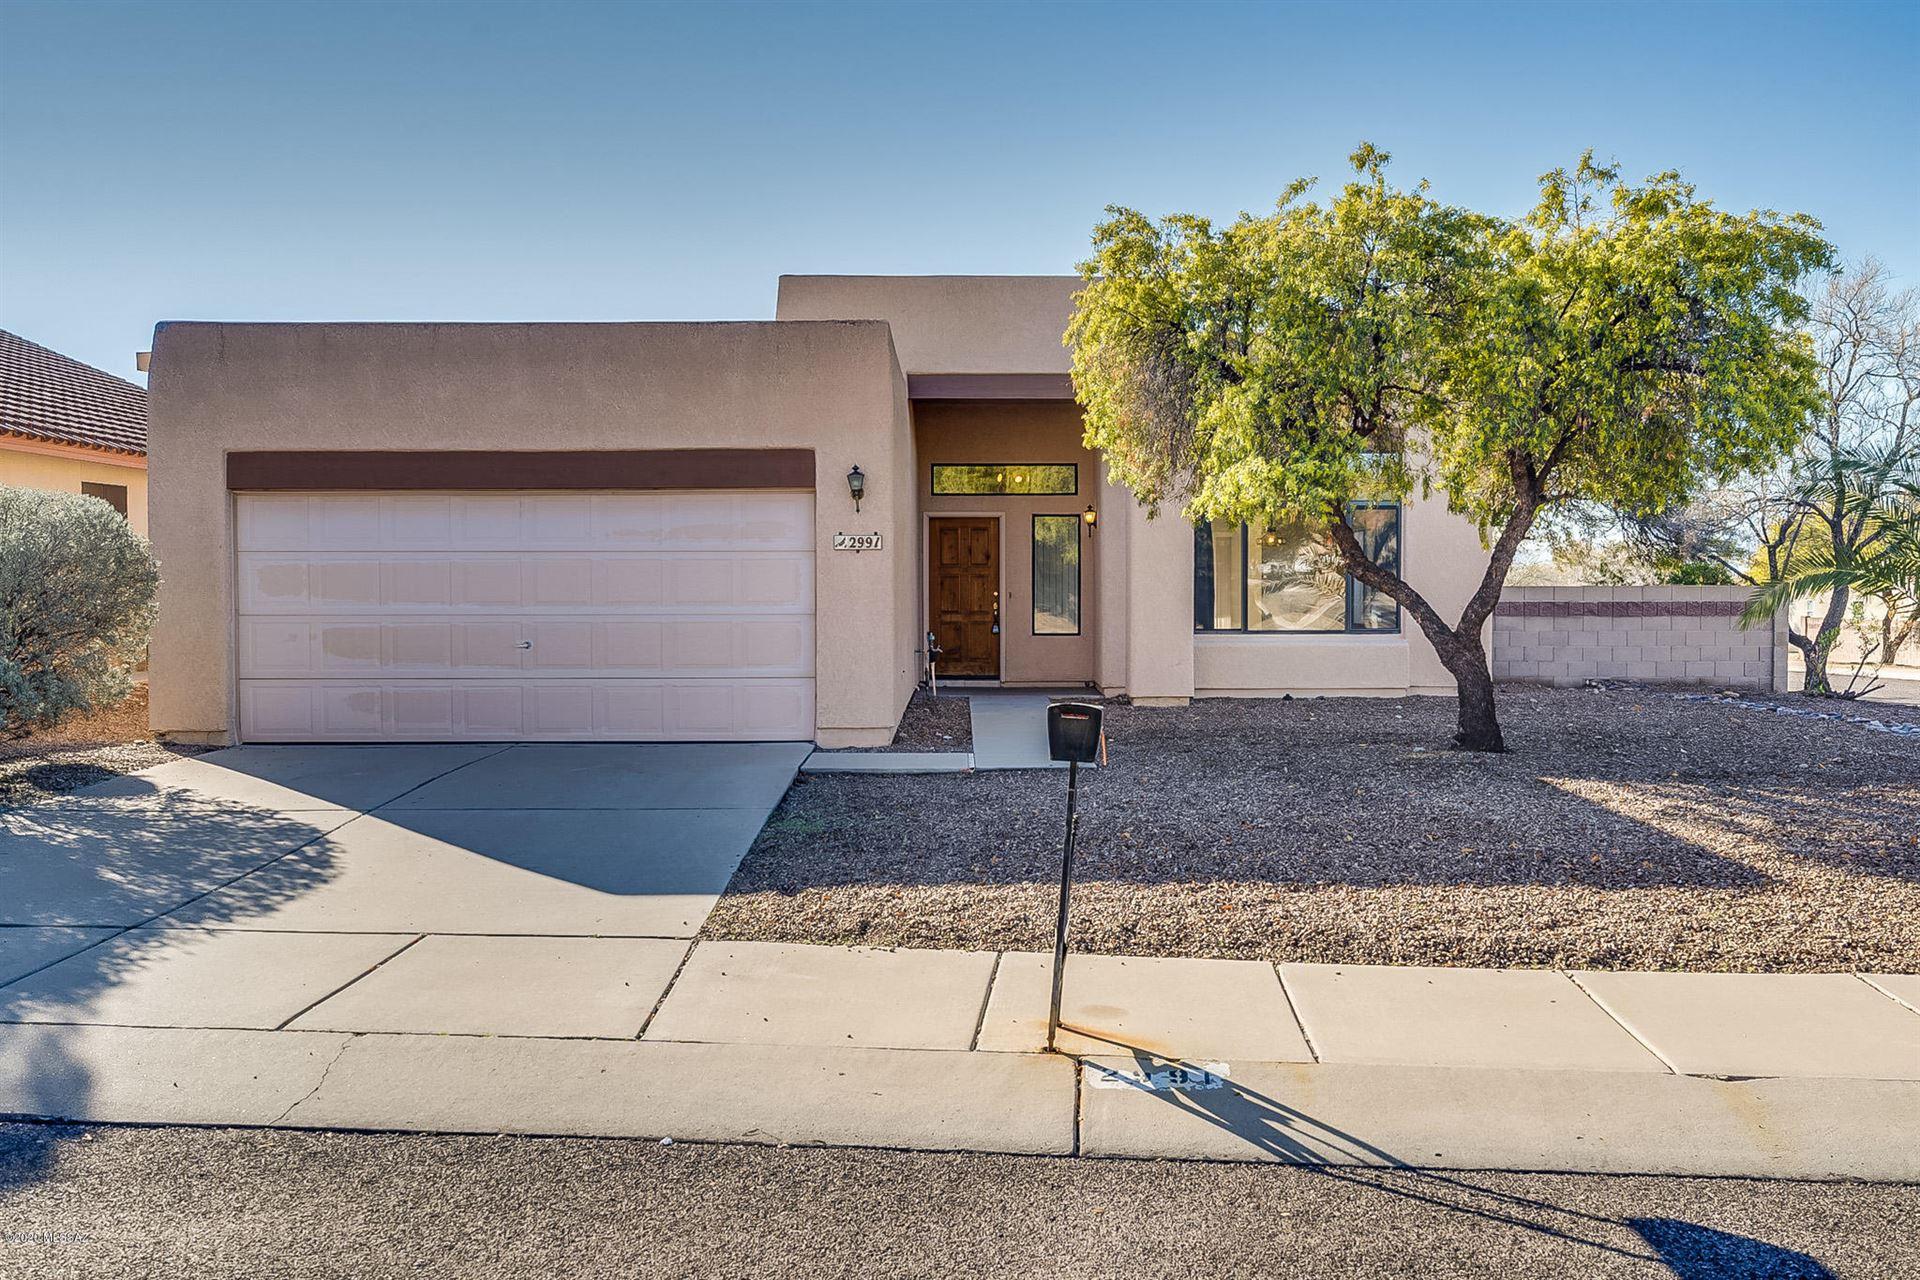 2991 W Placita Montessa, Tucson, AZ 85741 - #: 22002054